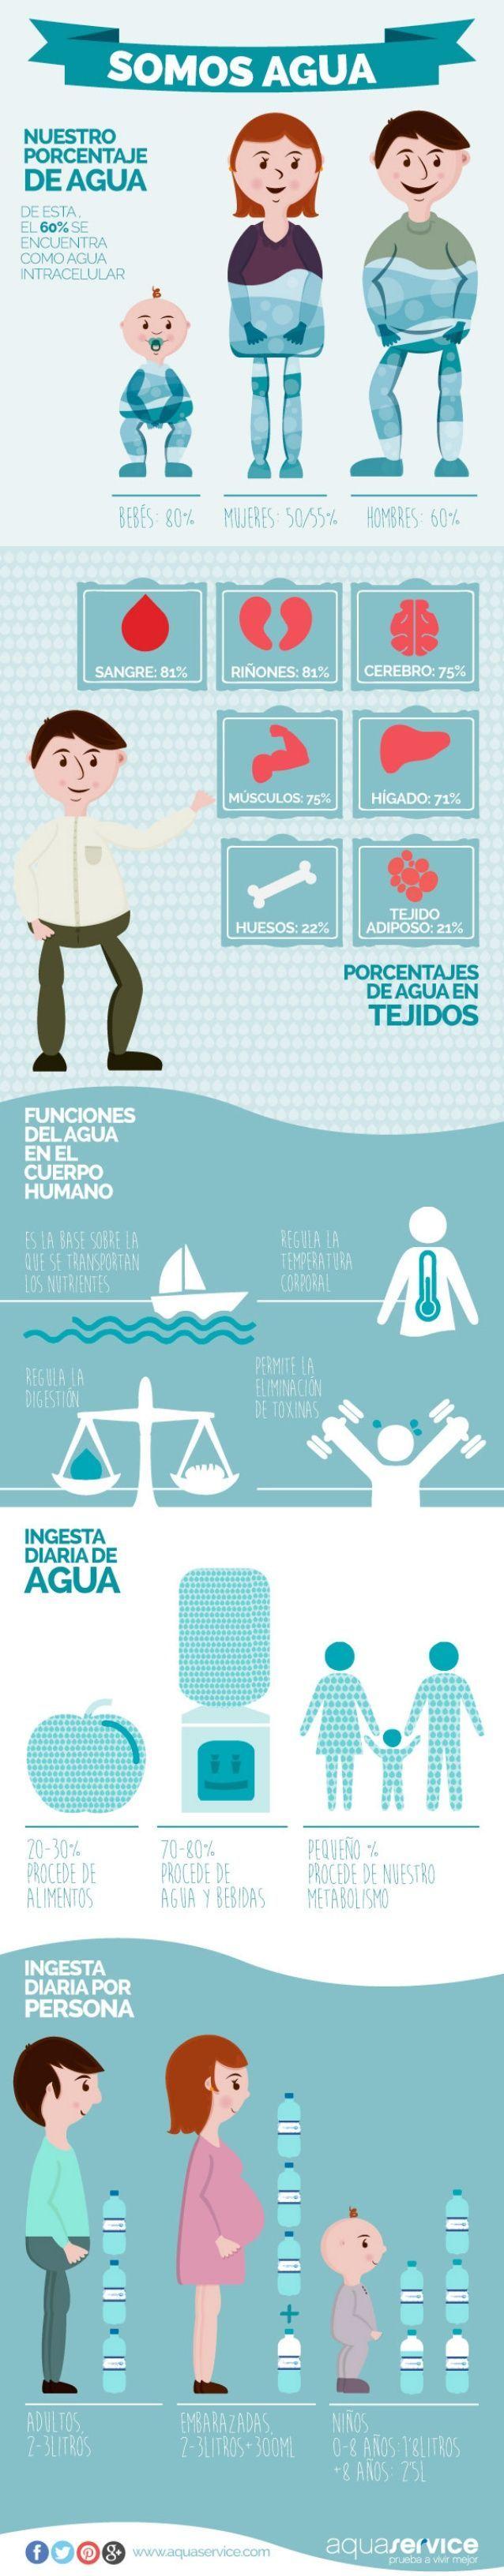 La importancia de agua en nuestro cuerpo, lea la infografía. #nutricioninfografia